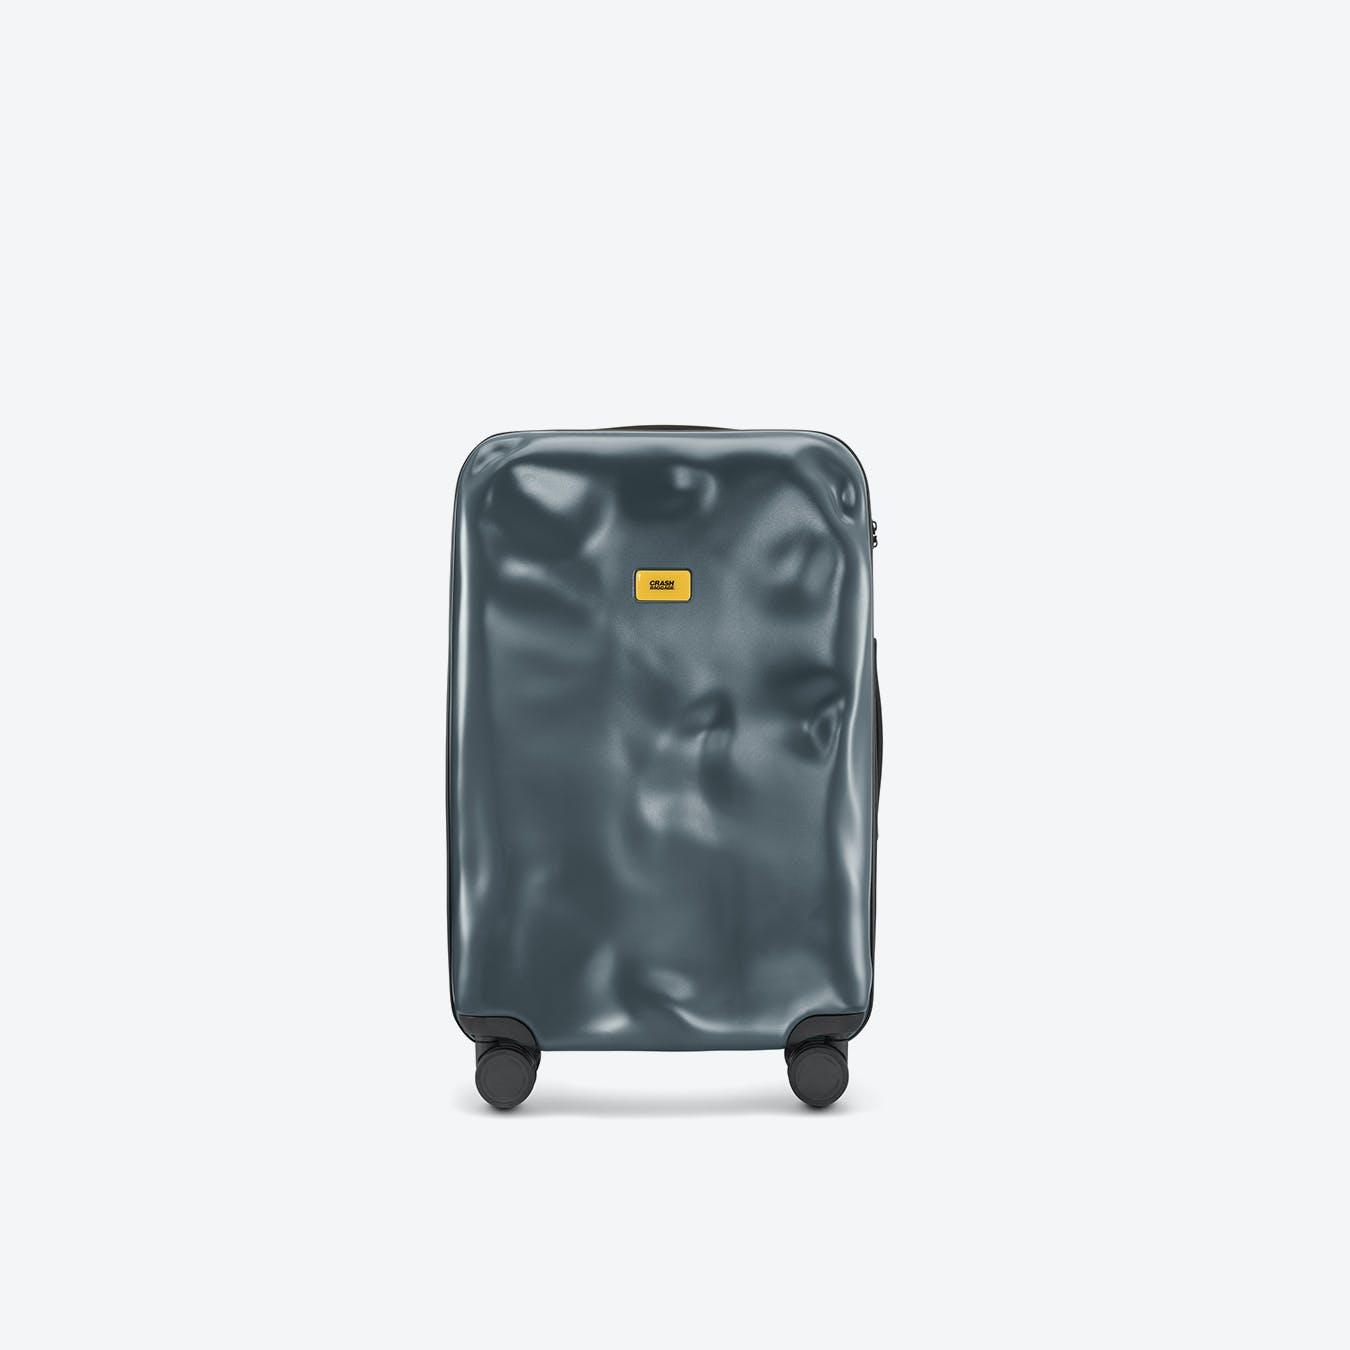 ICON 65L Luggage in Dark Grey